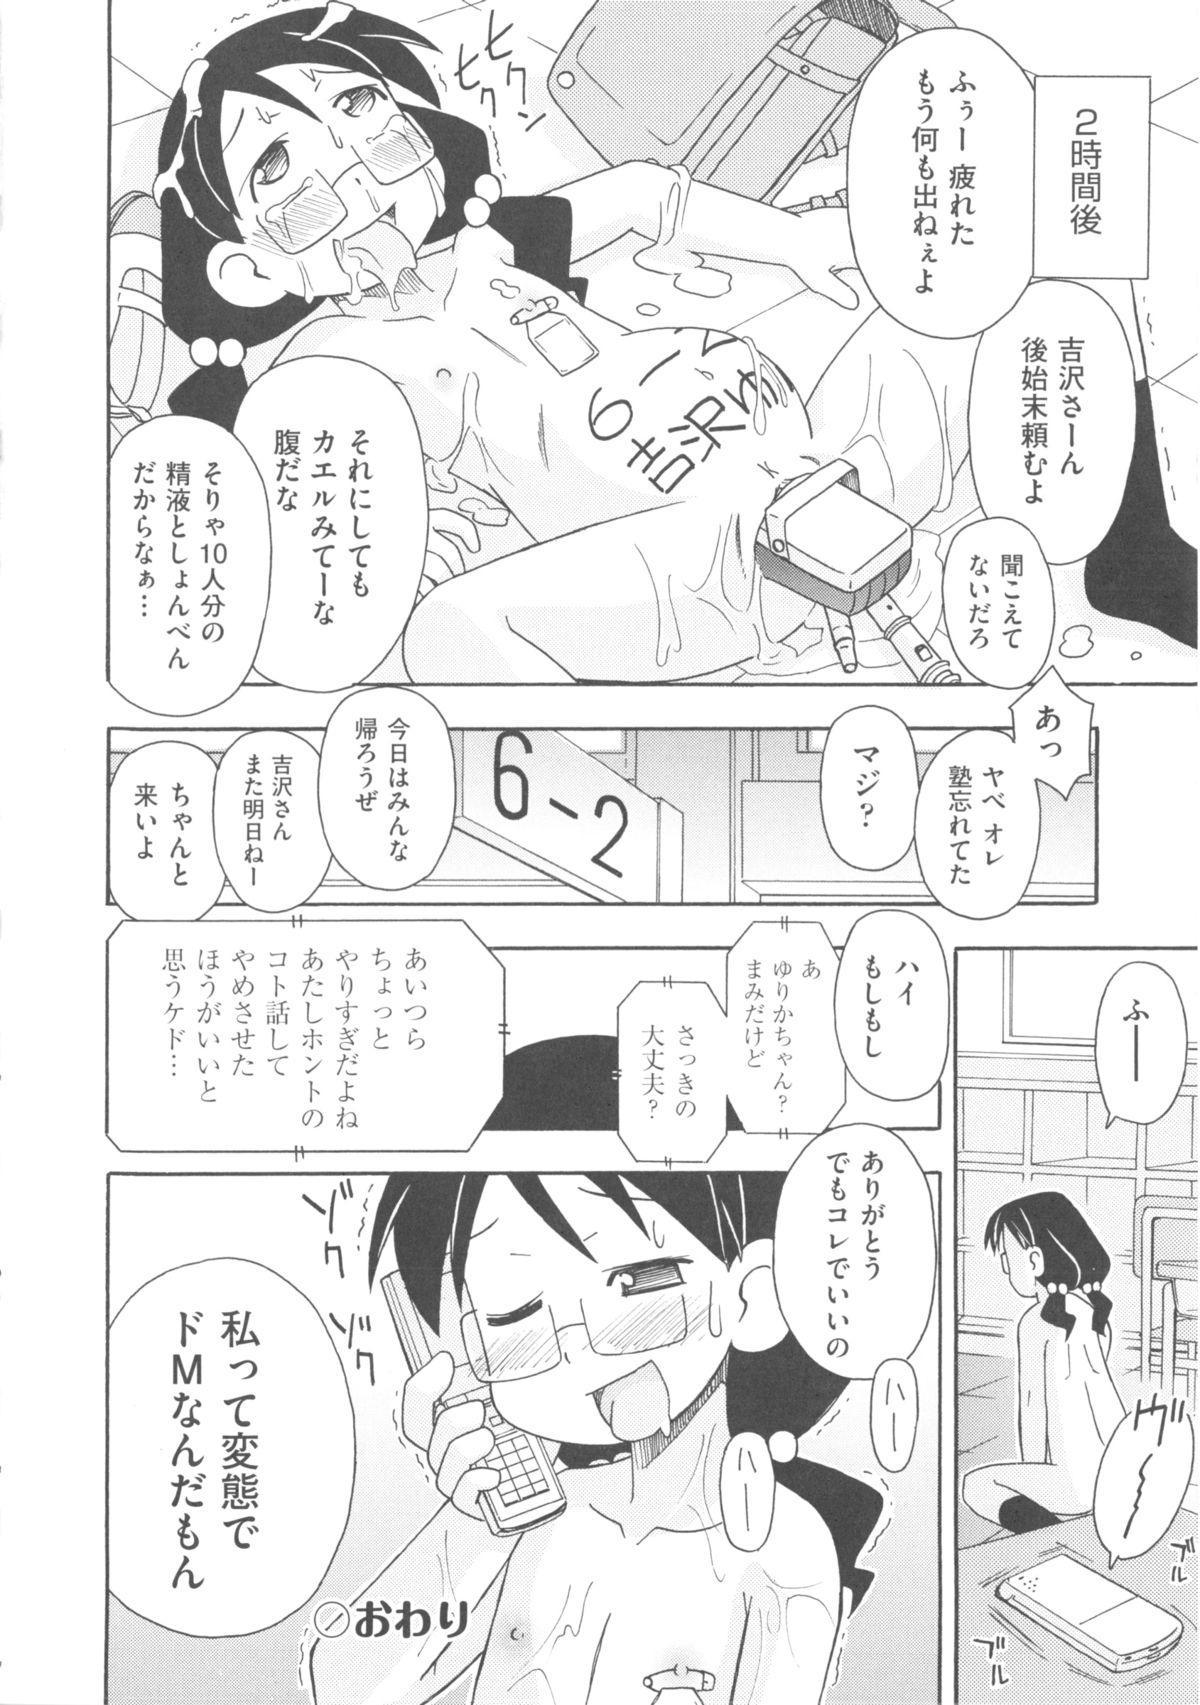 Comic Ino. 04 129